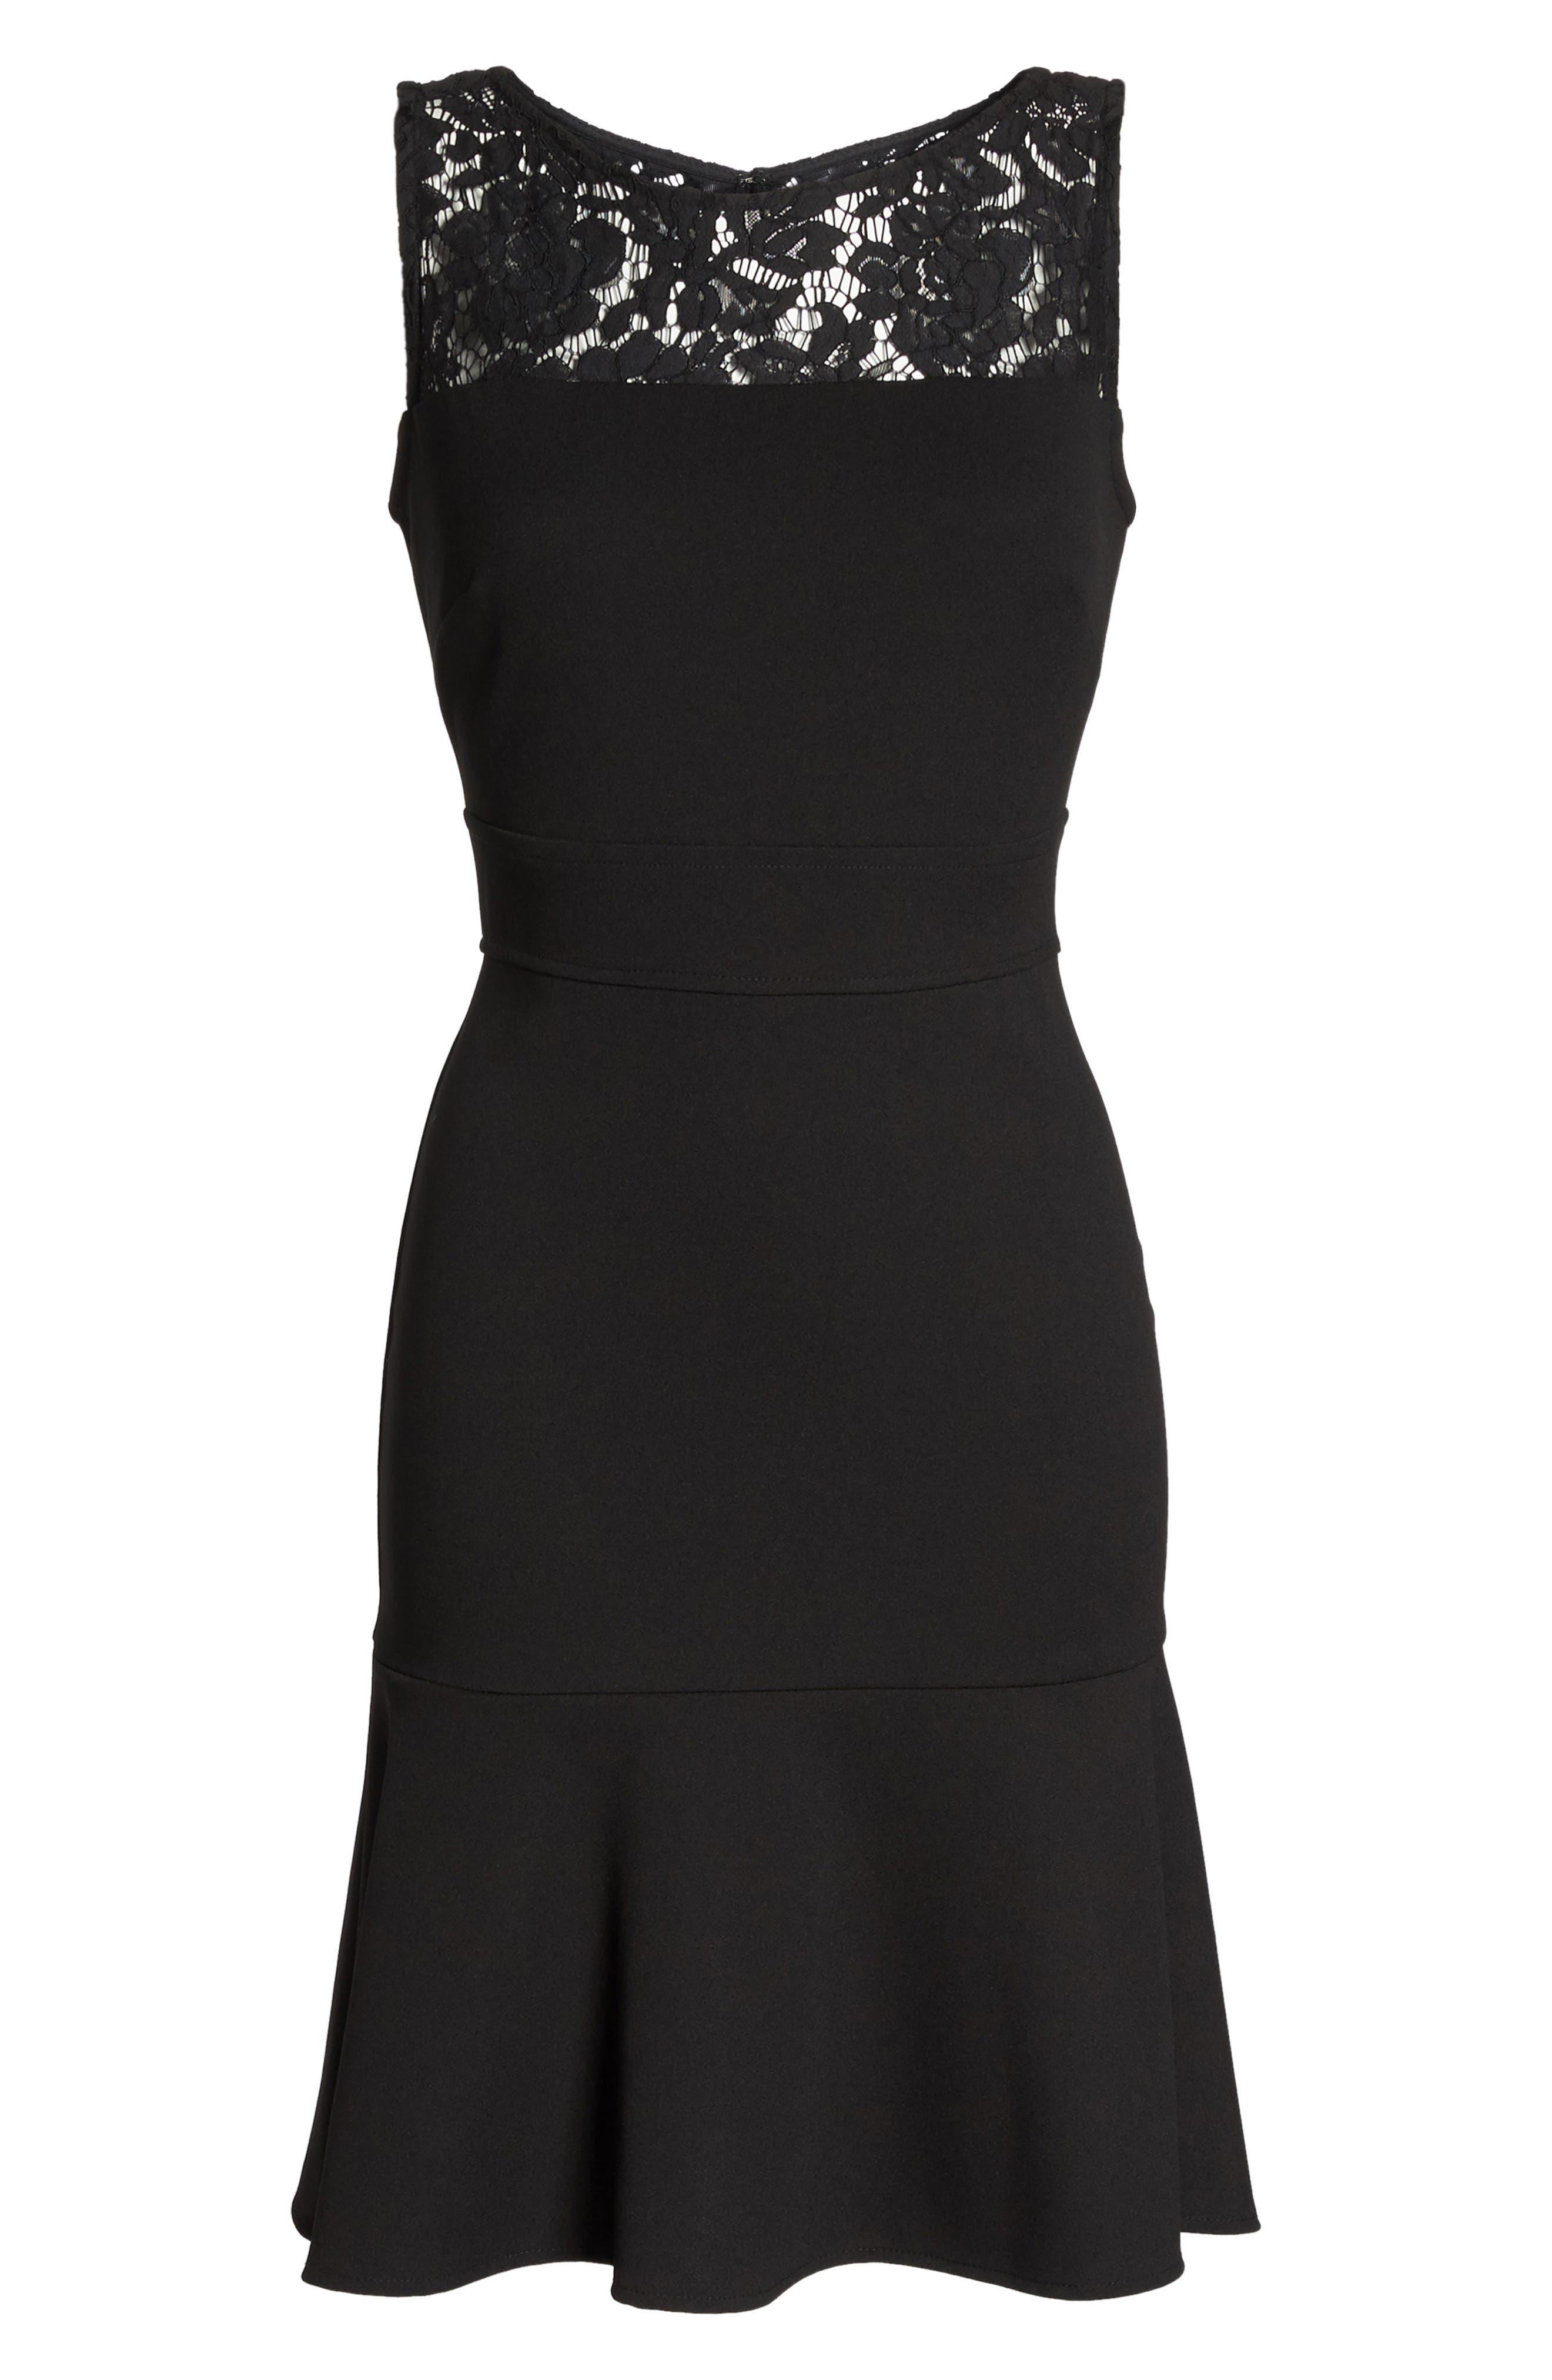 Lace Flounce Dress,                             Alternate thumbnail 6, color,                             Black